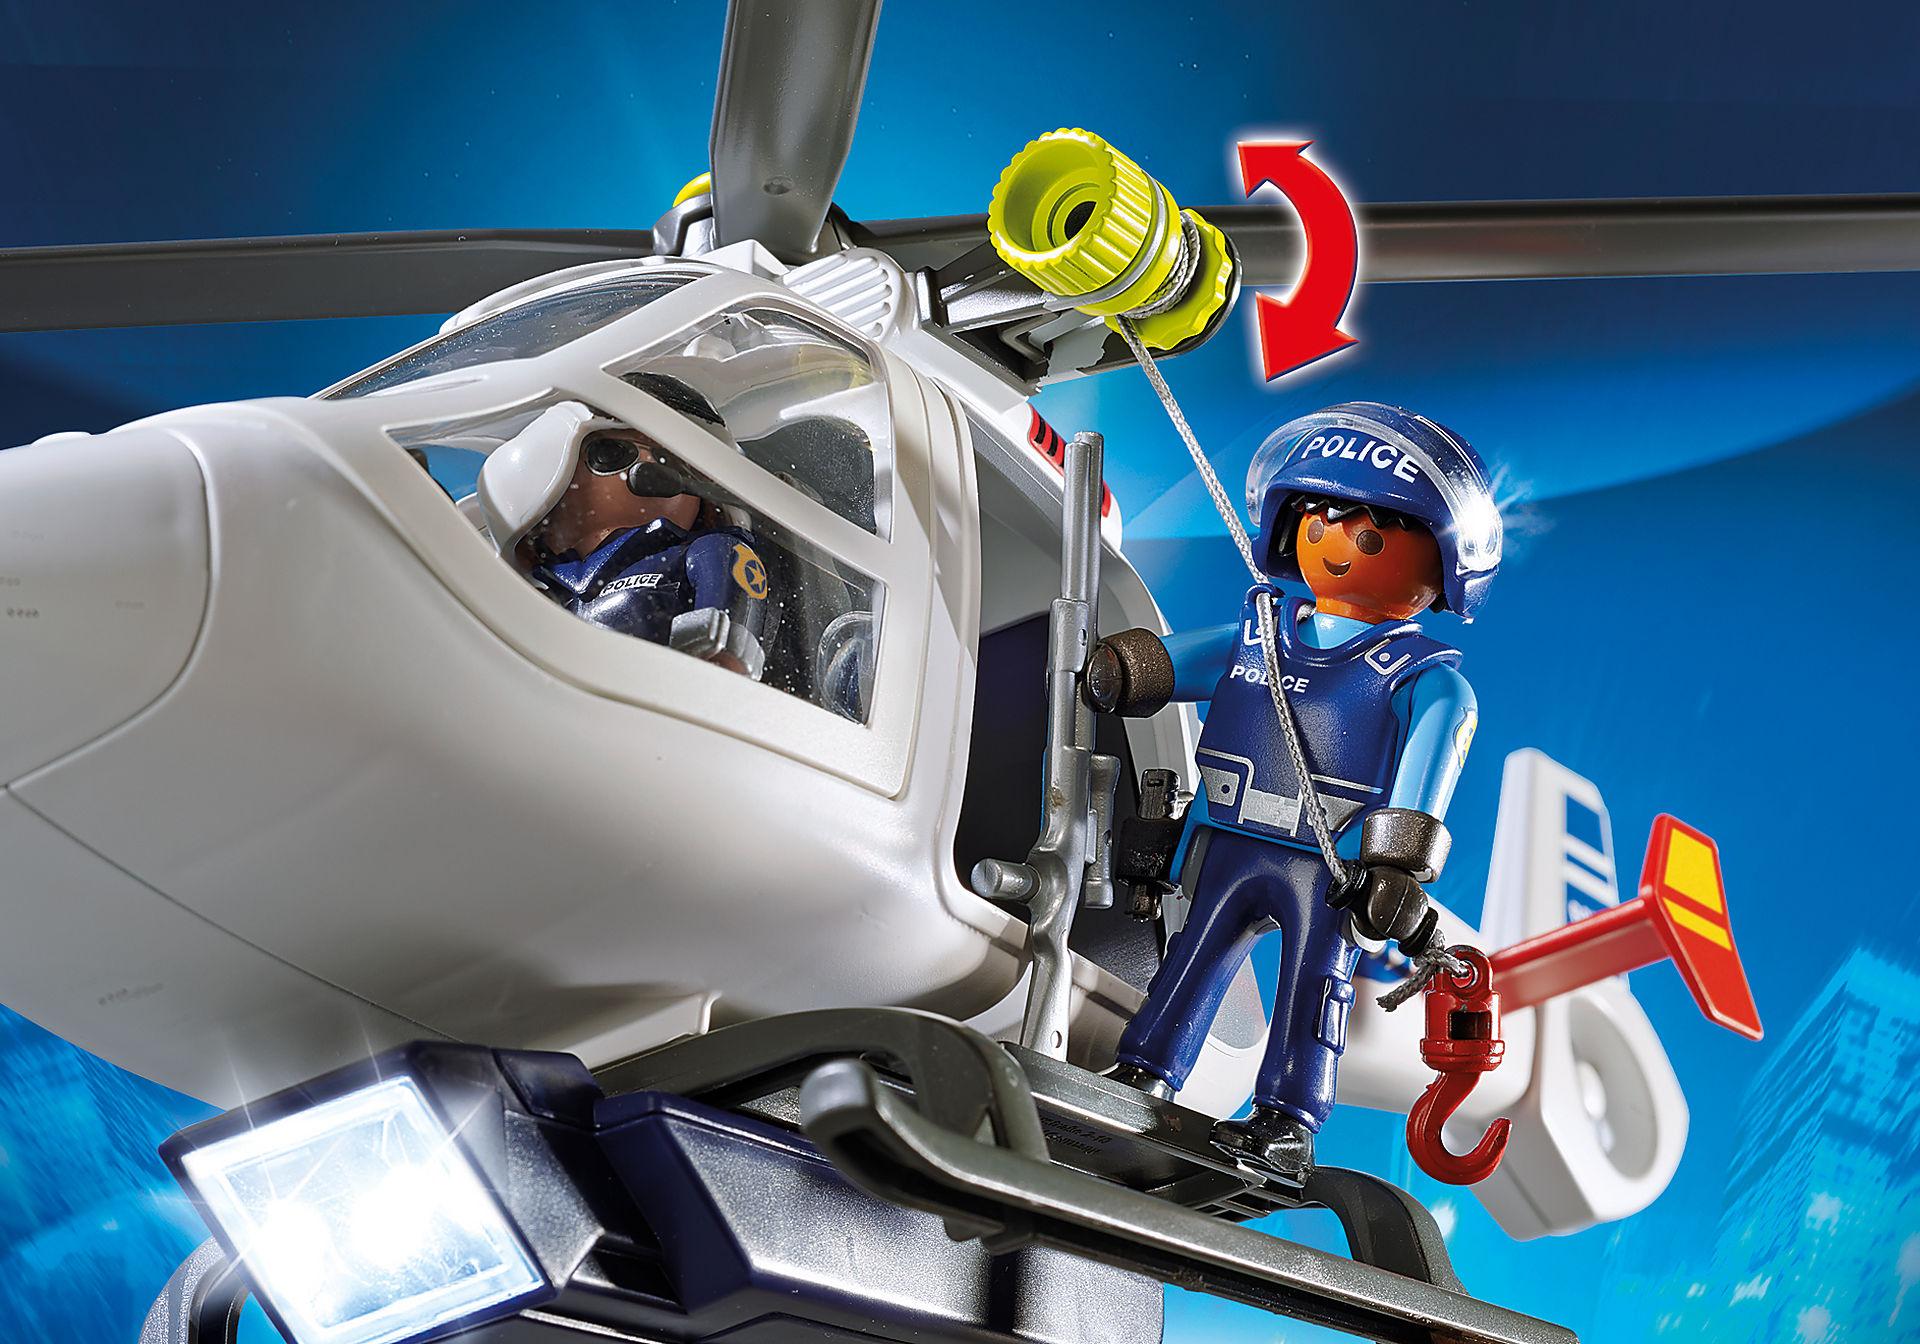 6921 Helikopter policyjny z reflektorem LED zoom image5